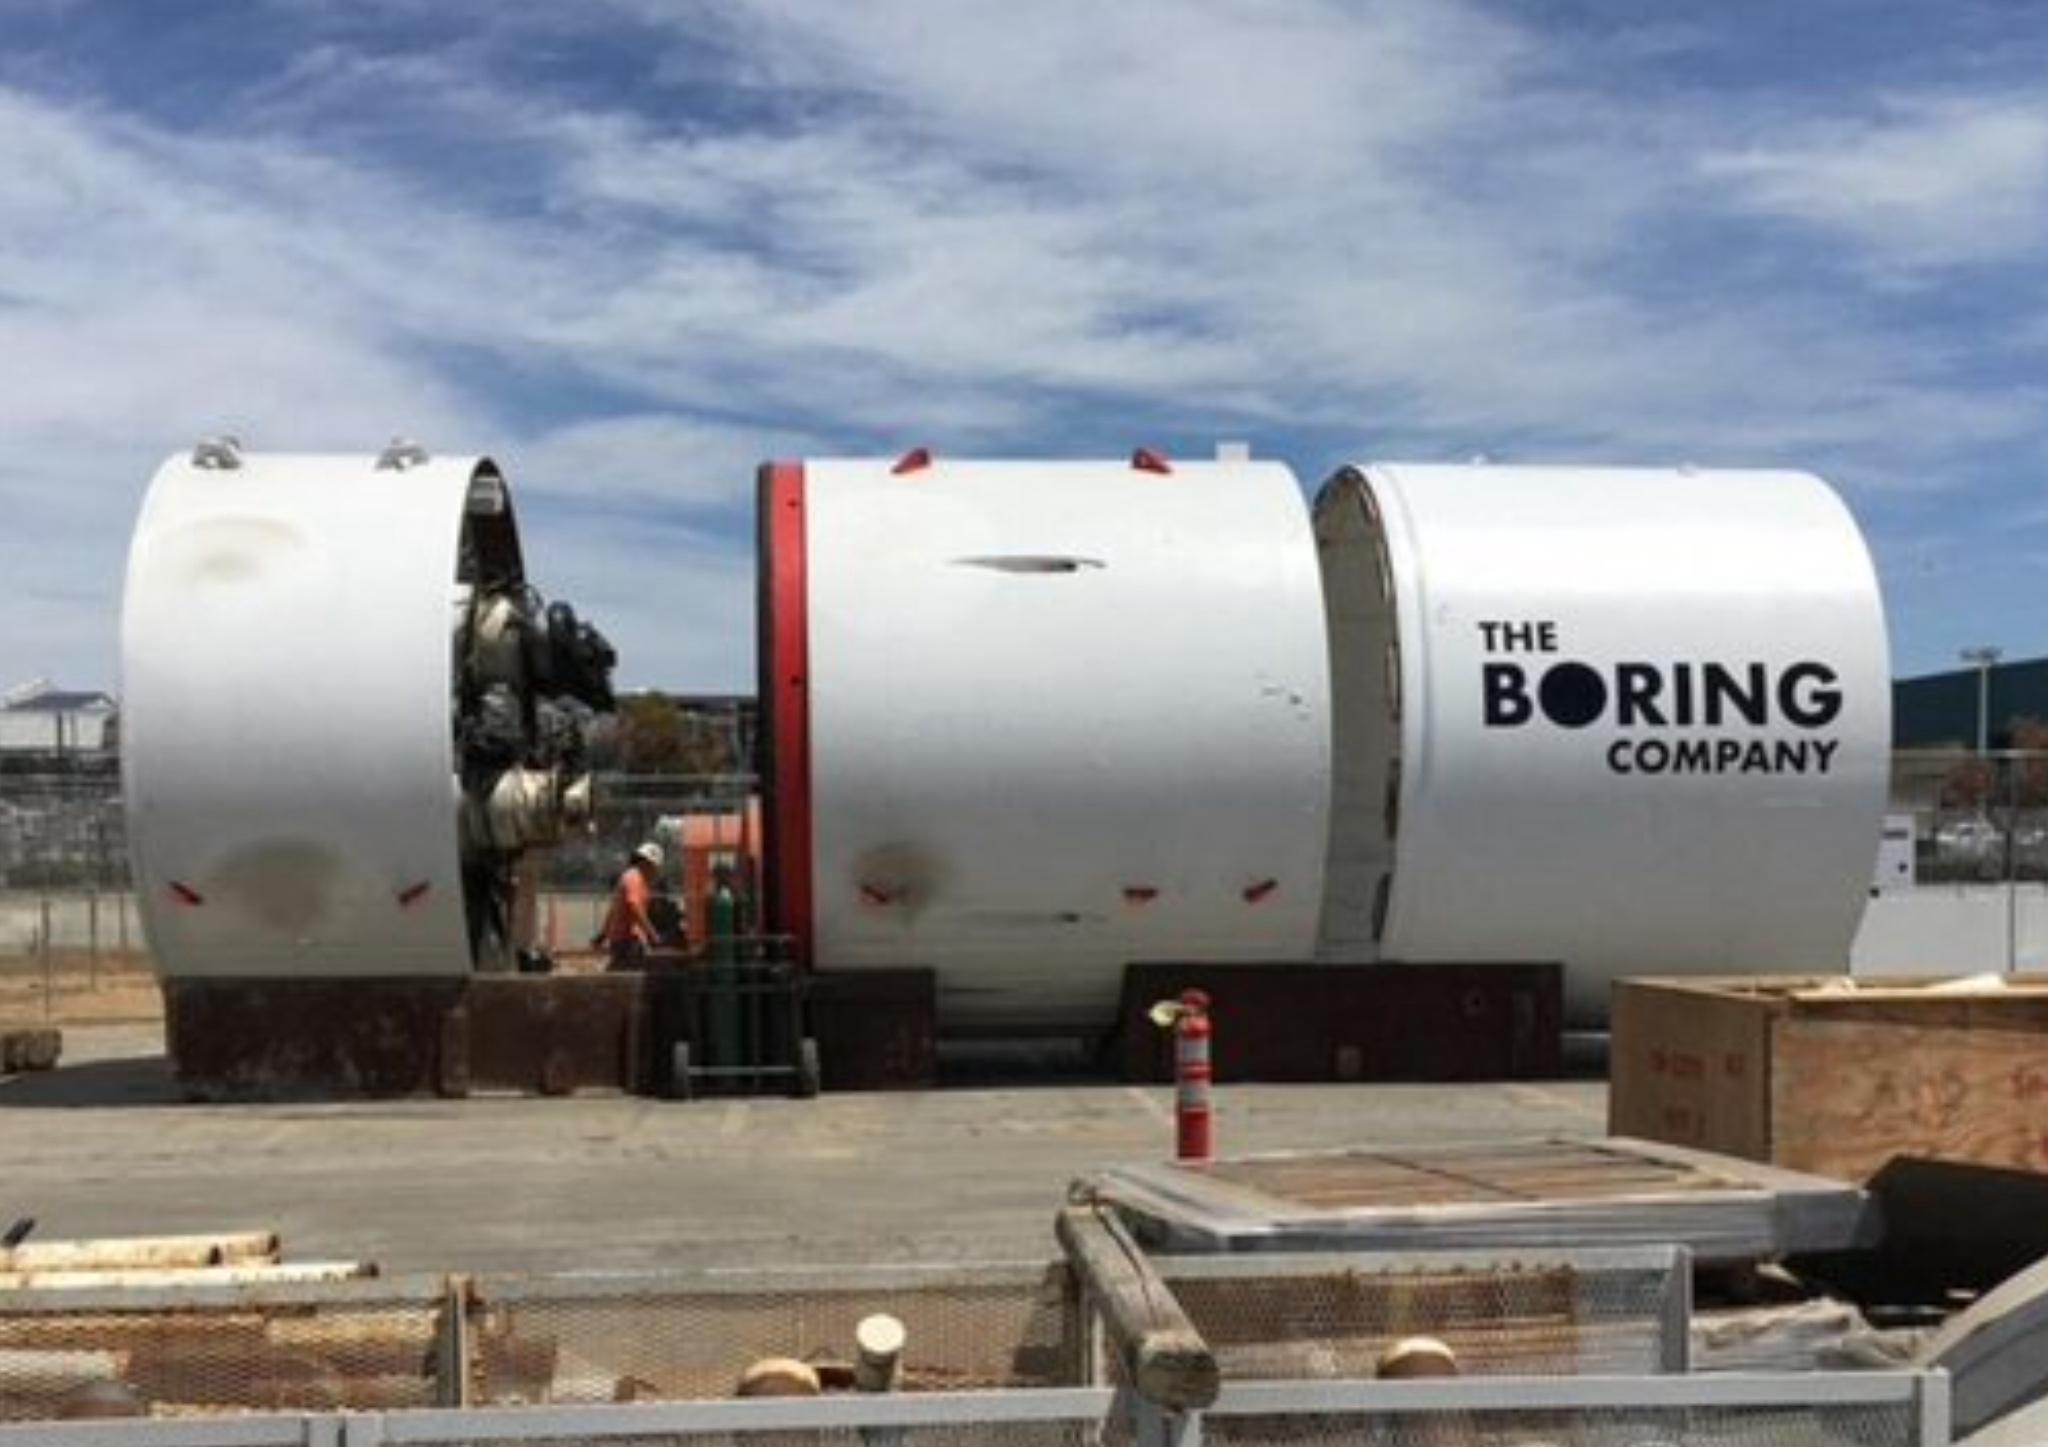 Илон Маск раскрыл новые впечатляющие детали своего проекта со скоростным подземным тоннелем